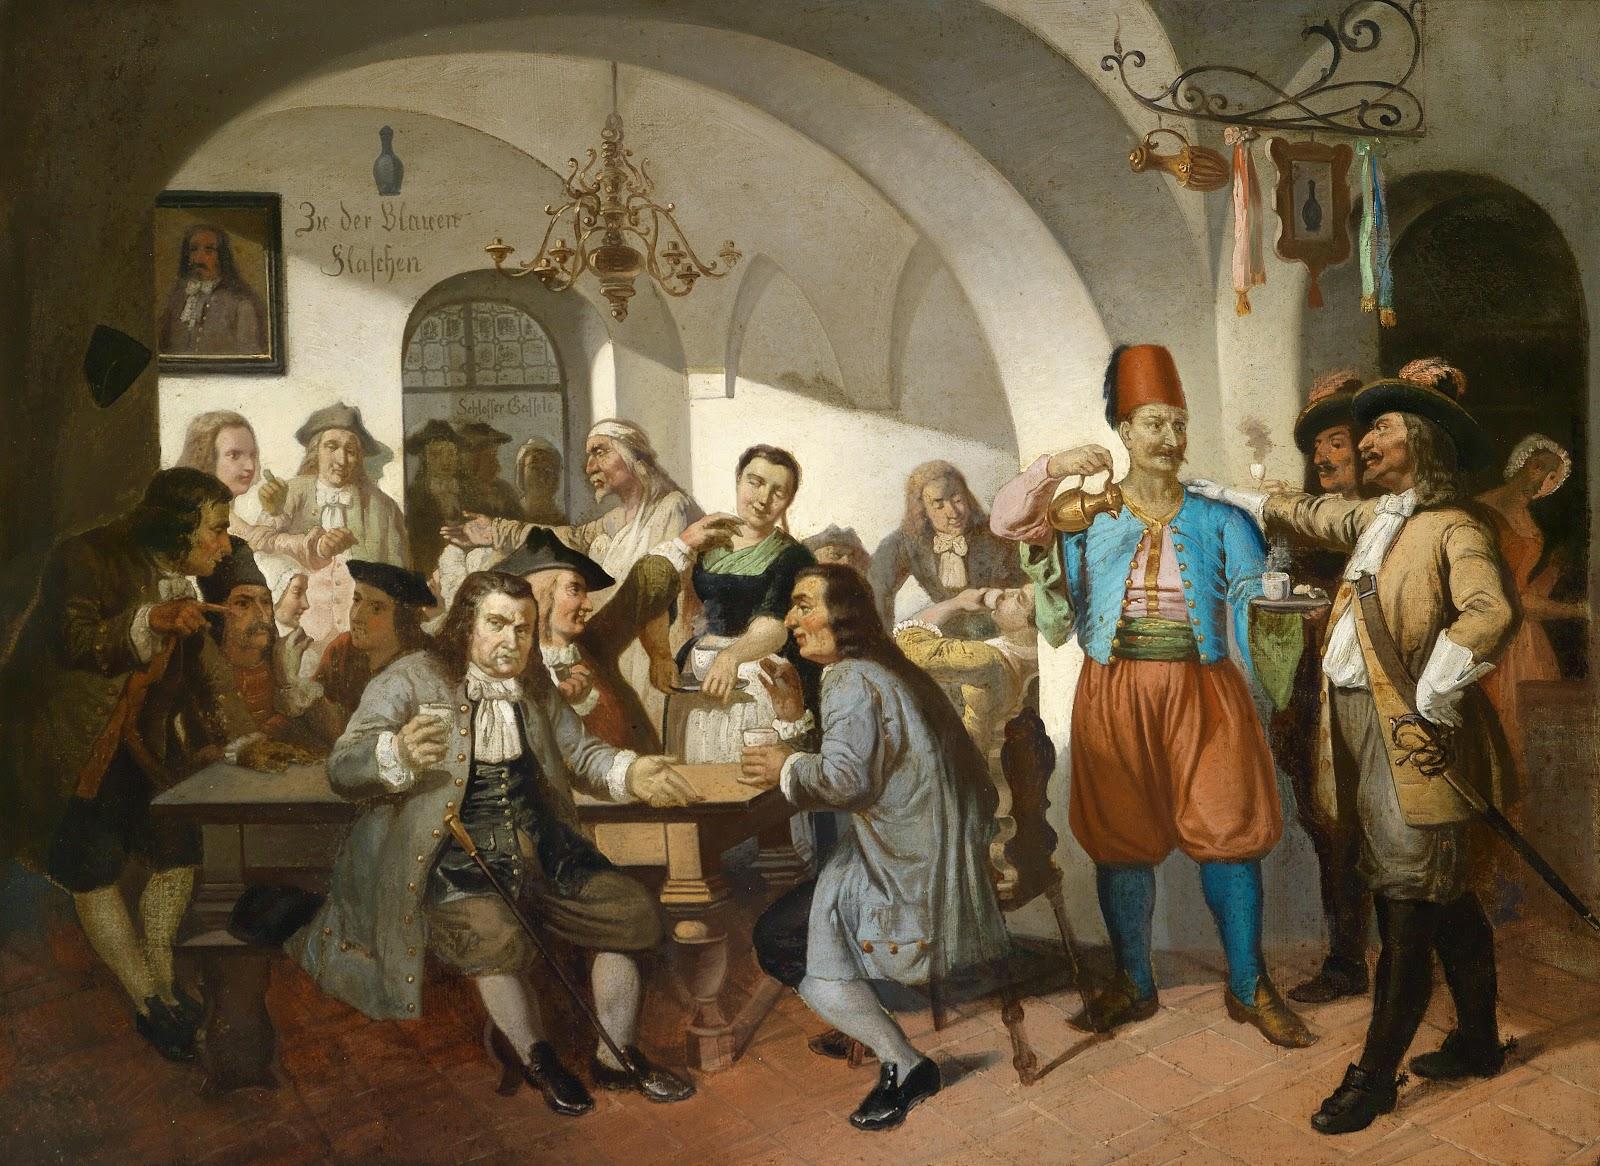 El primer café de Viena, Die blaue Flasche, autor anónimo, circa 1900